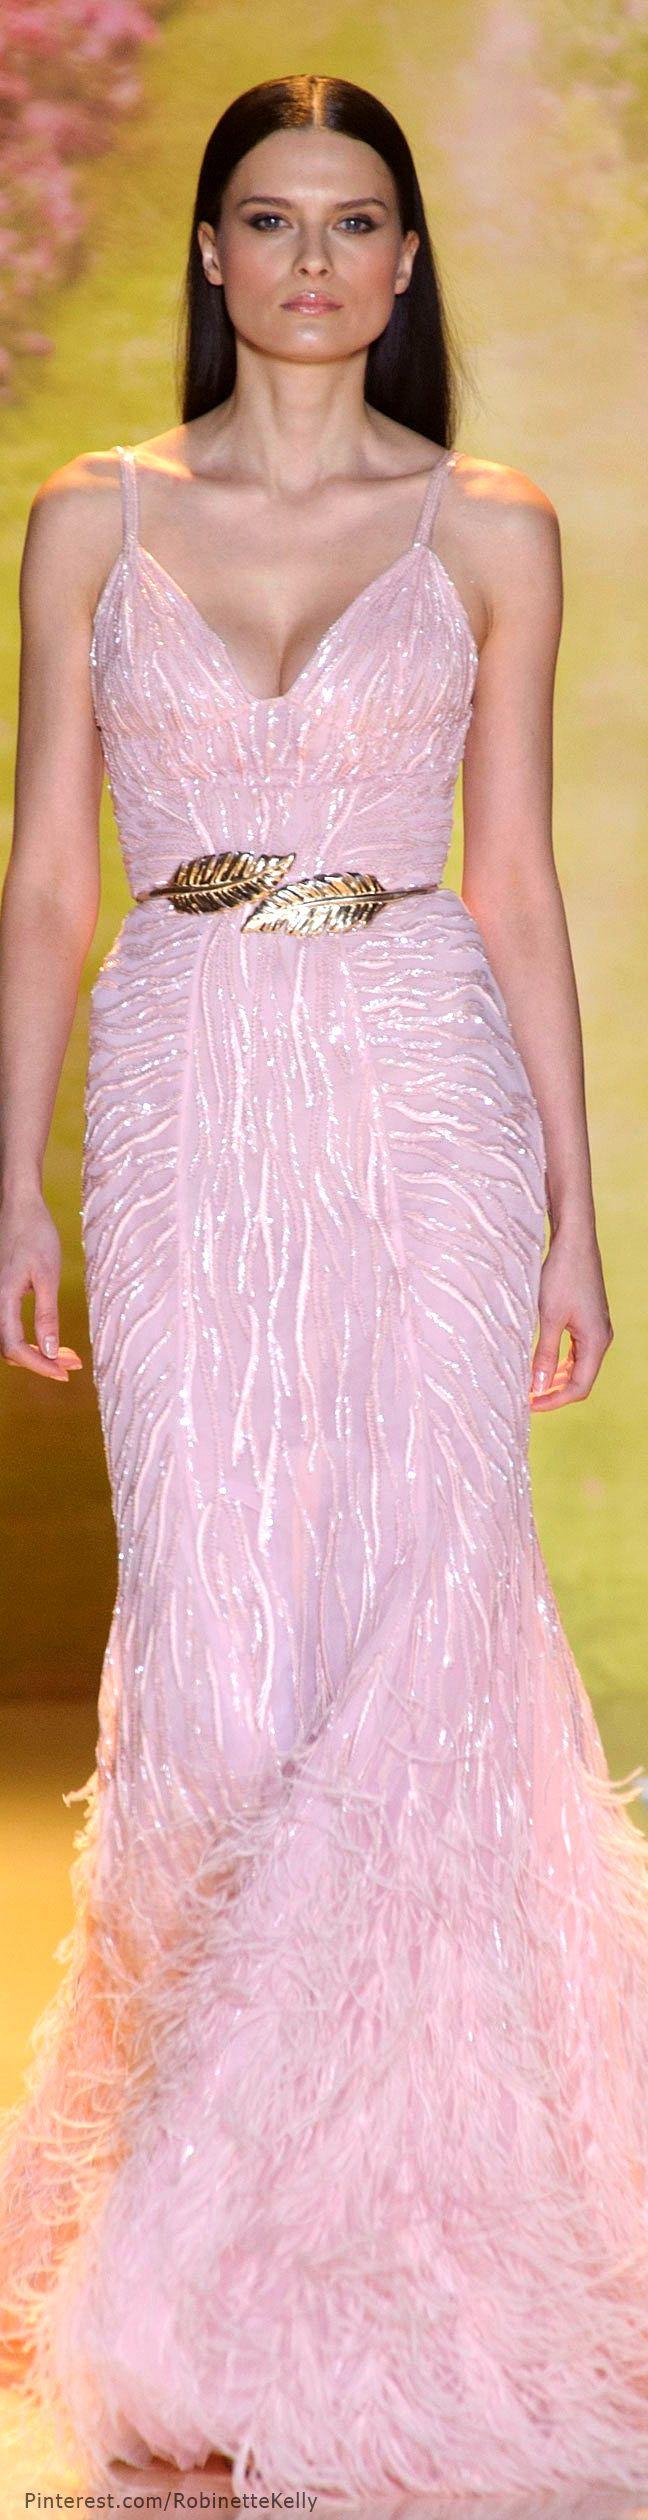 Mejores 77 imágenes de moda en Pinterest | Vestido blanco, Vestidos ...